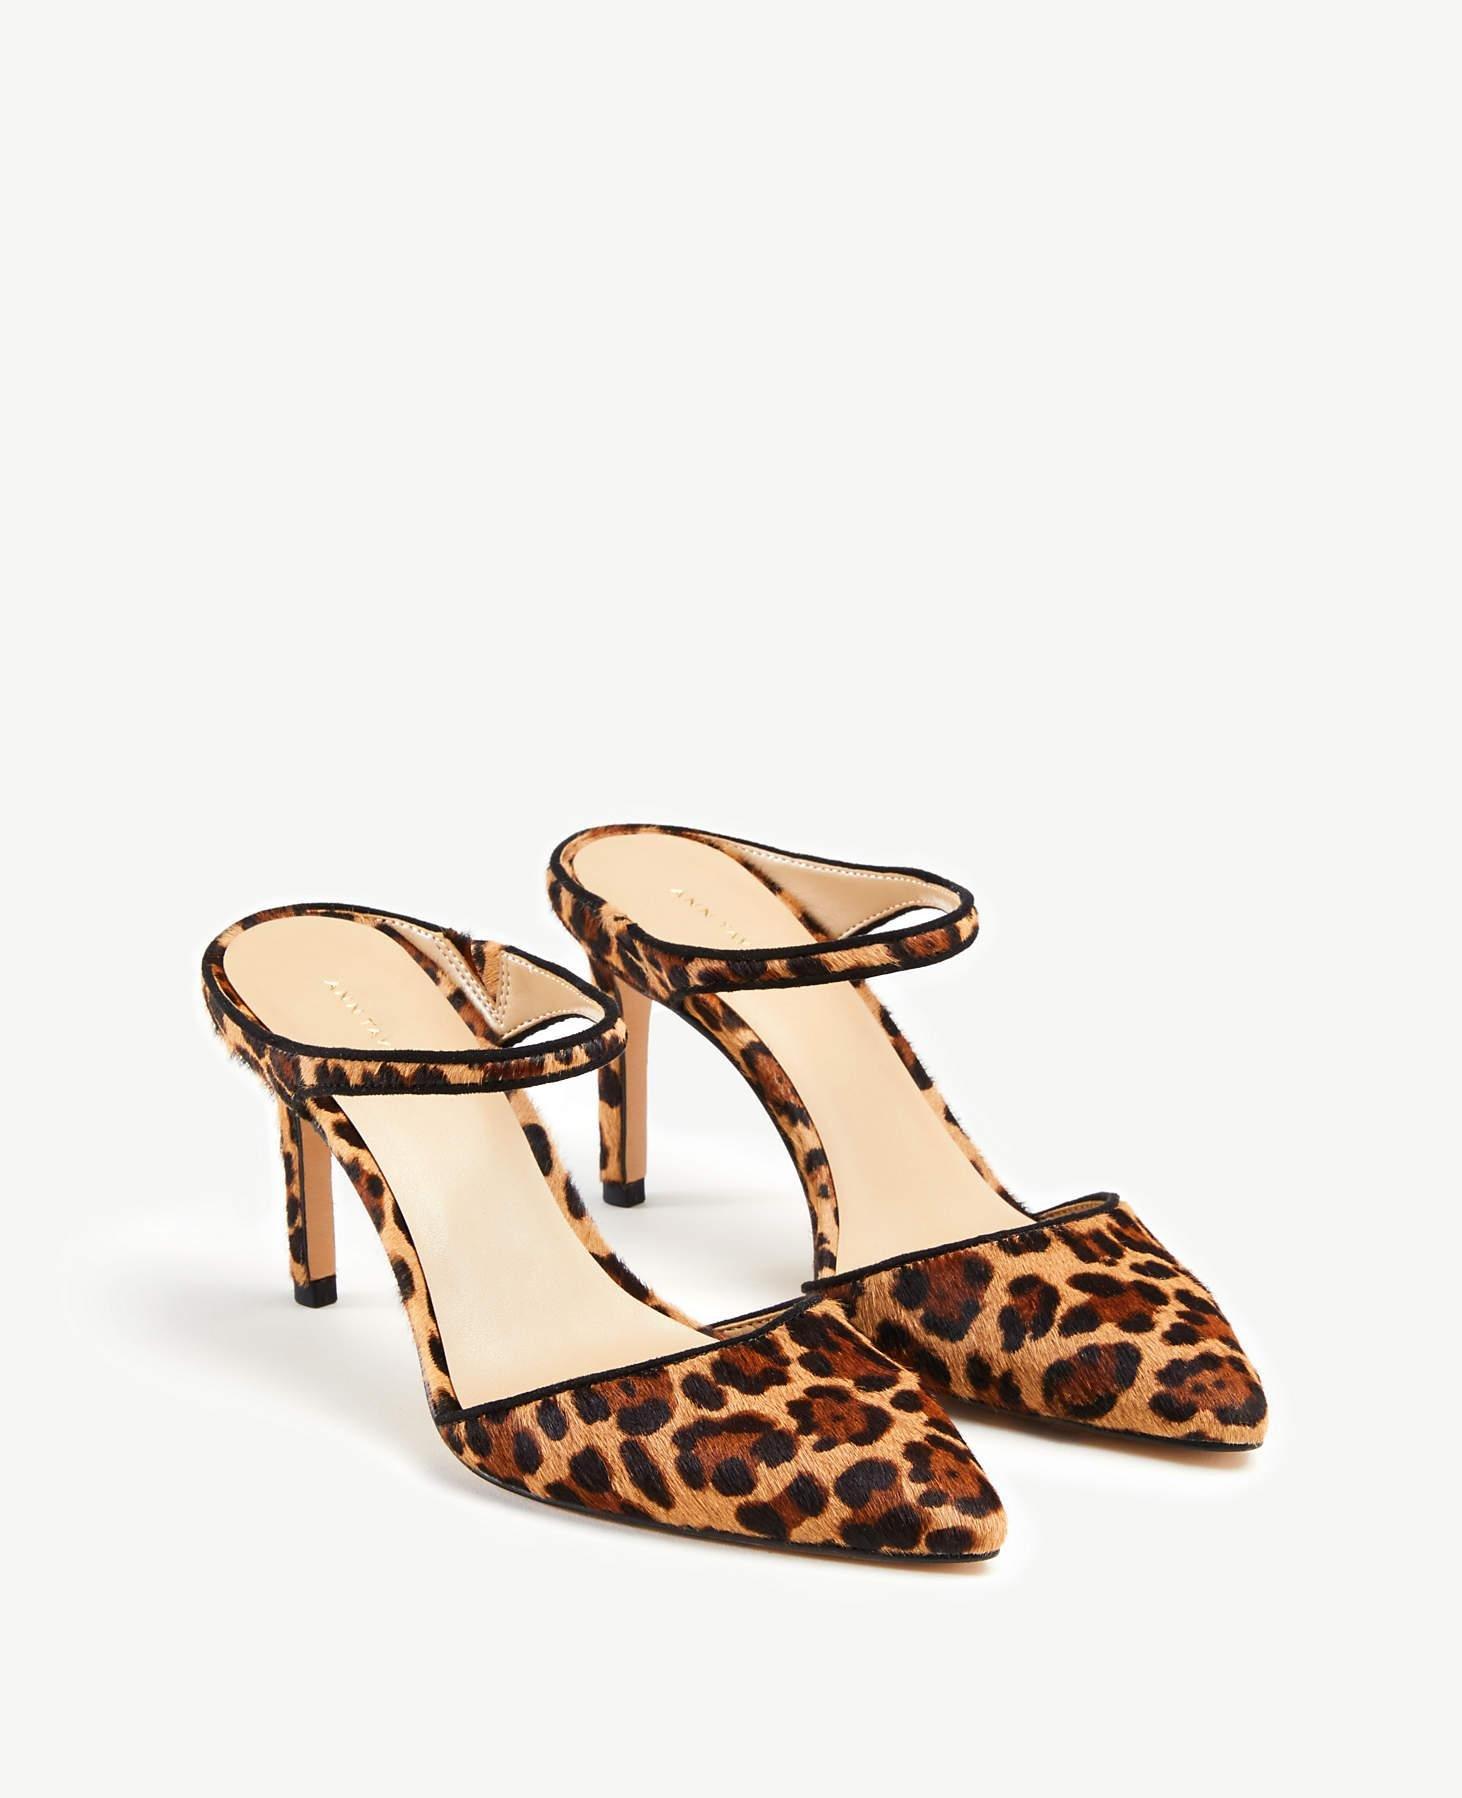 ca0a619d7aa2 Lyst - Ann Taylor Jodie Leopard Print Hair Calf Mule Pumps in Brown